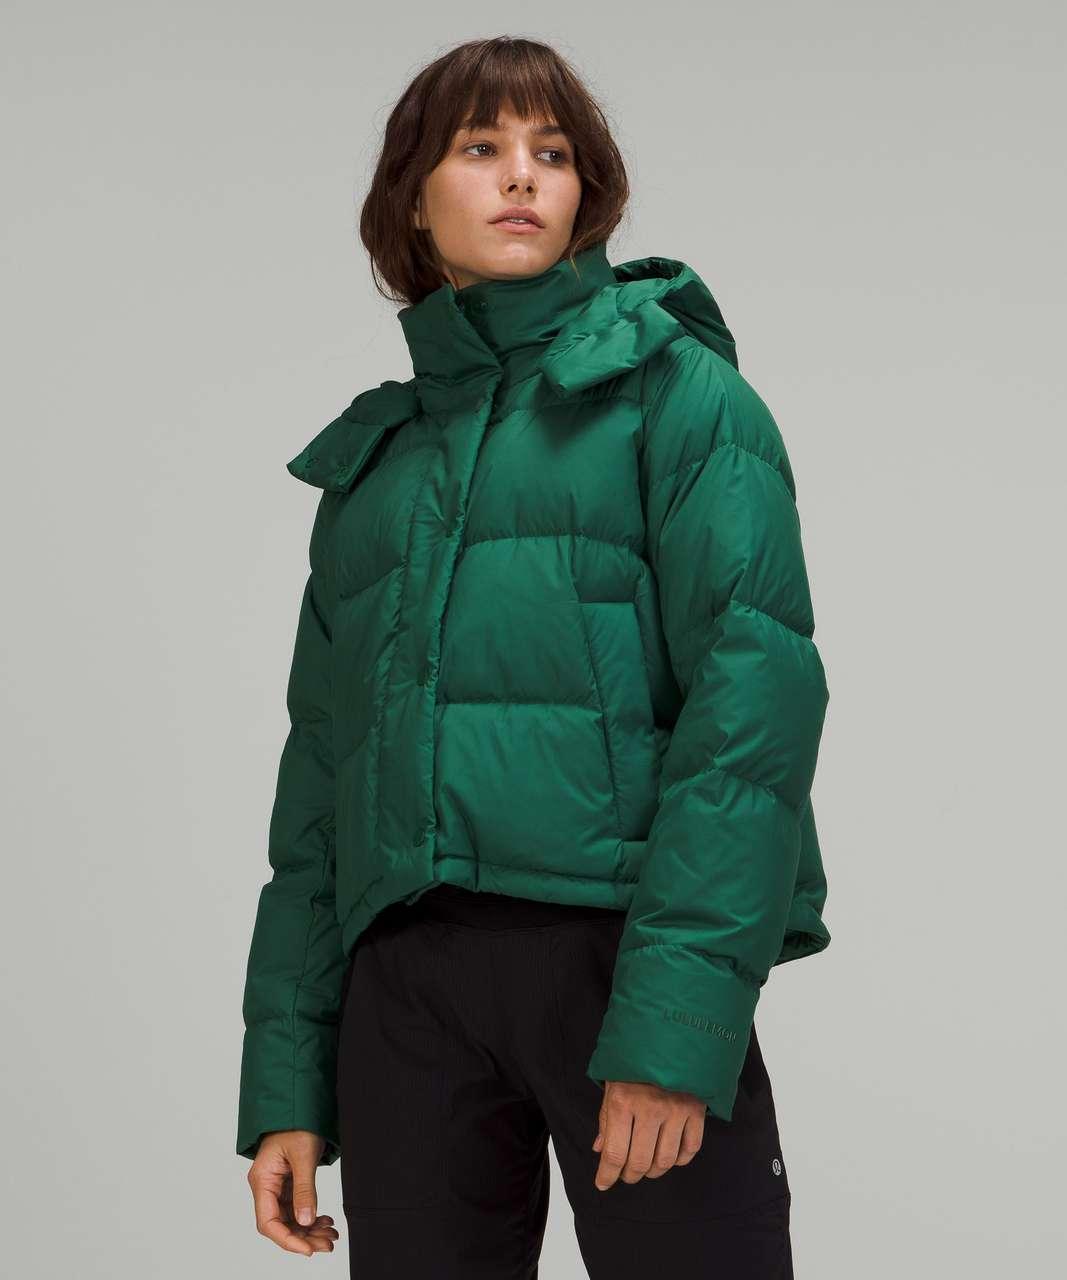 Lululemon Wunder Puff Cropped Jacket - Everglade Green